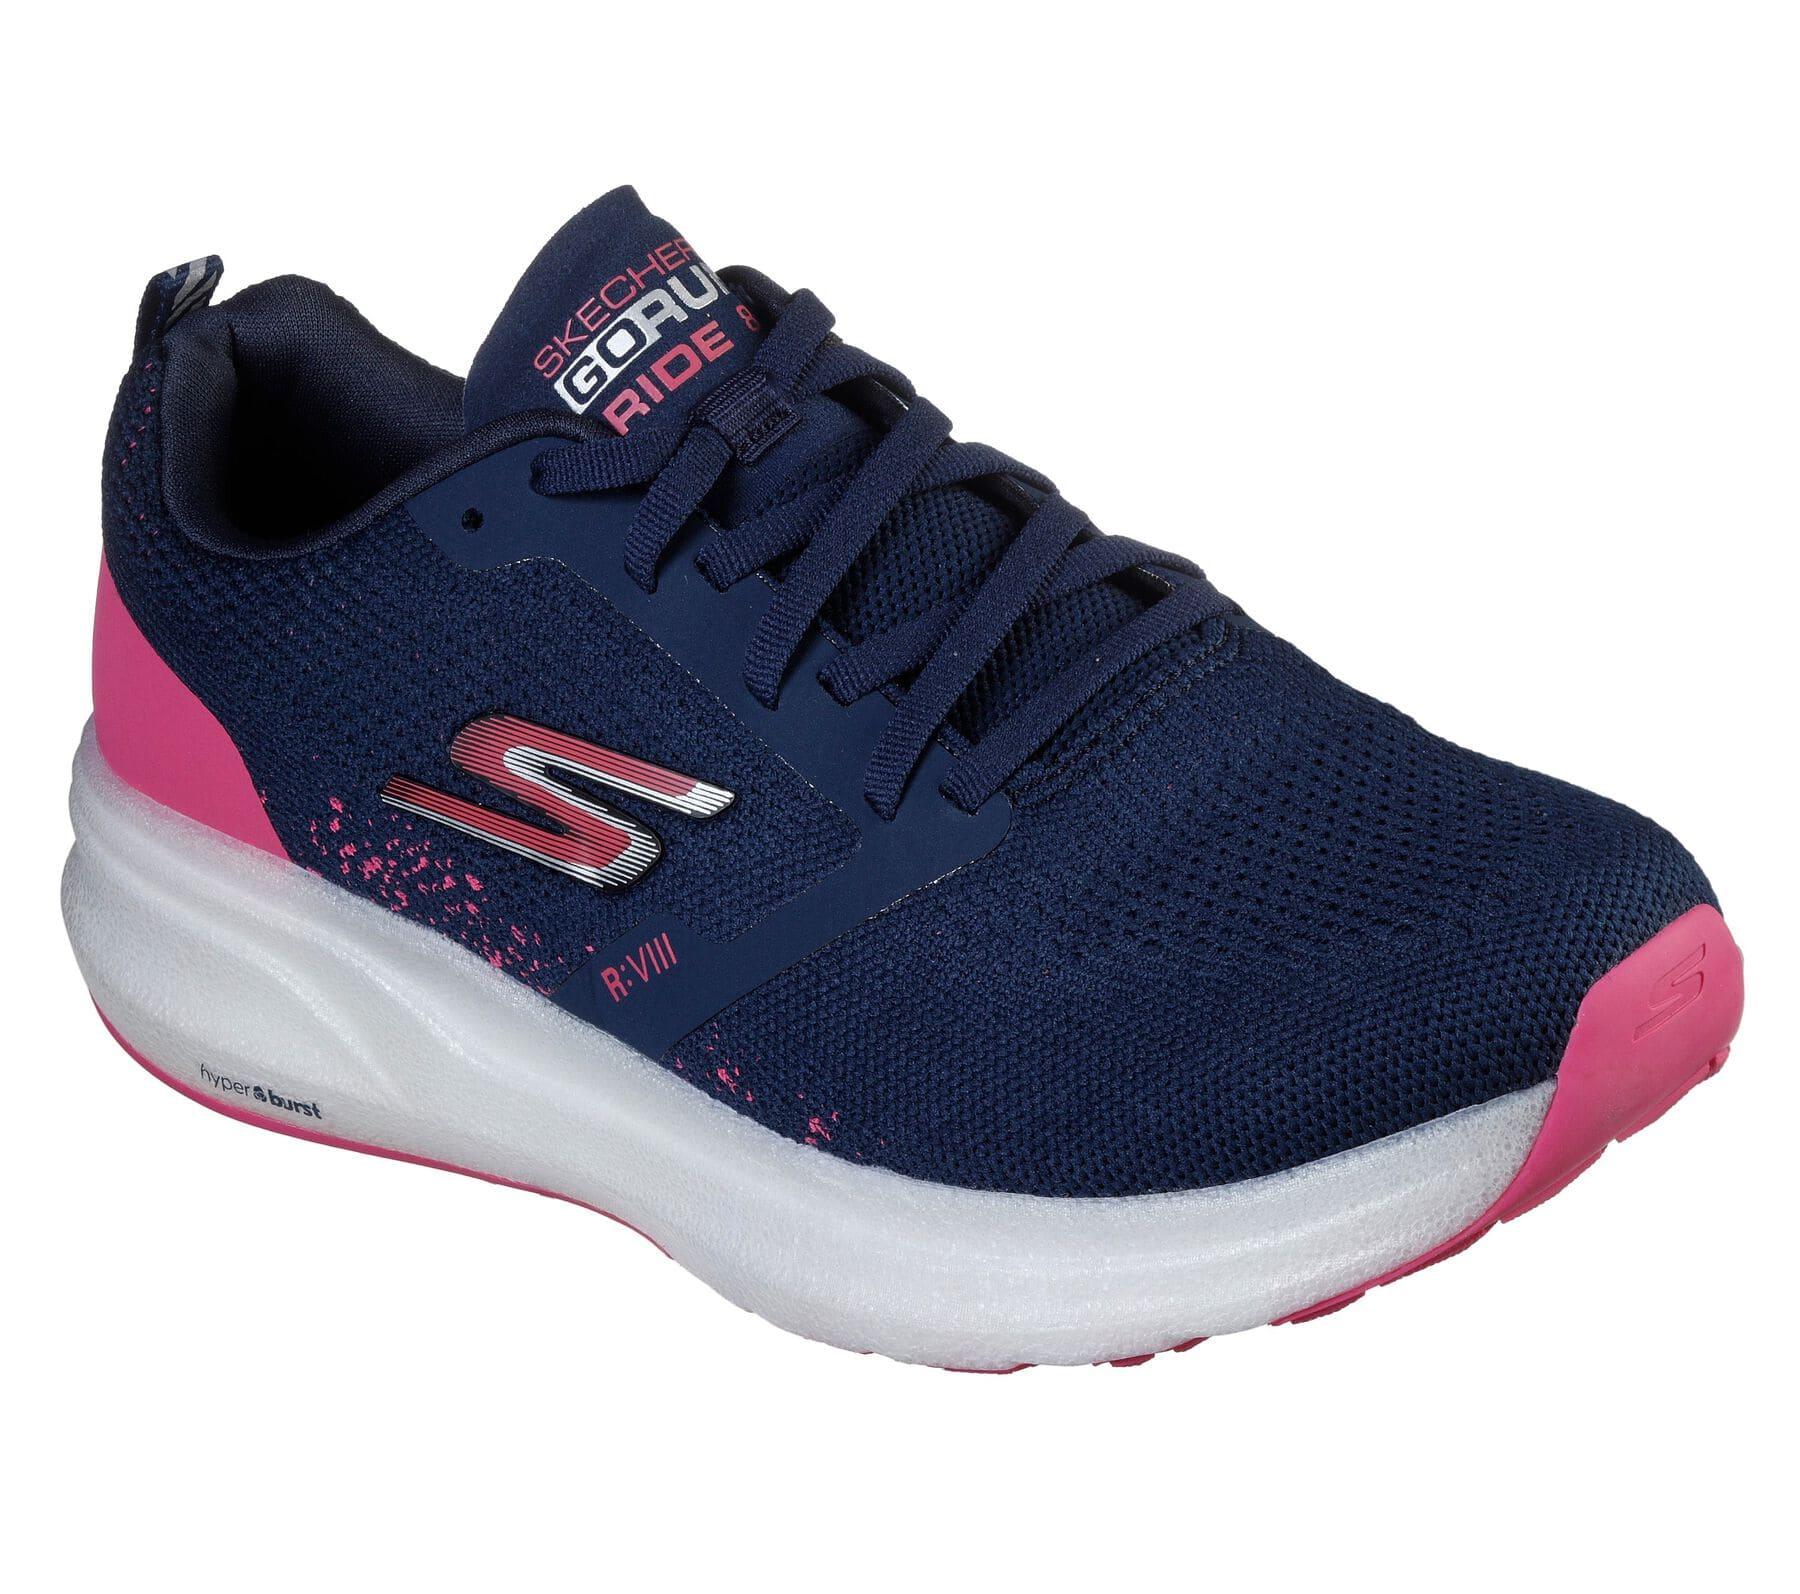 Tênis Go Run Ride 8 Feminino Skechers